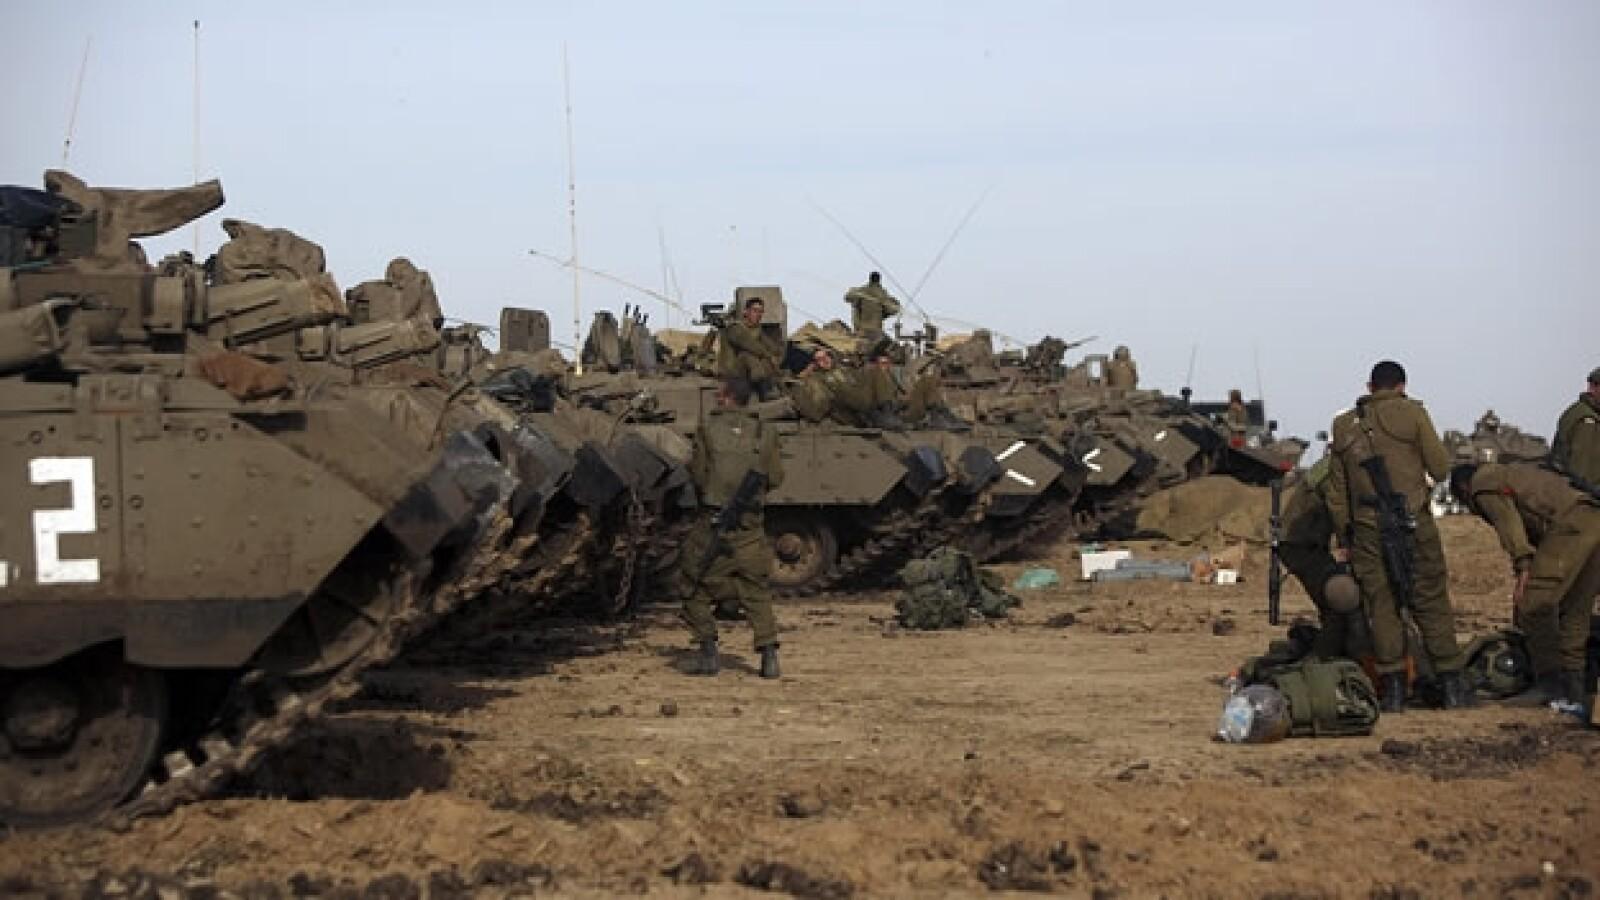 soldados israelies instalan un campamento